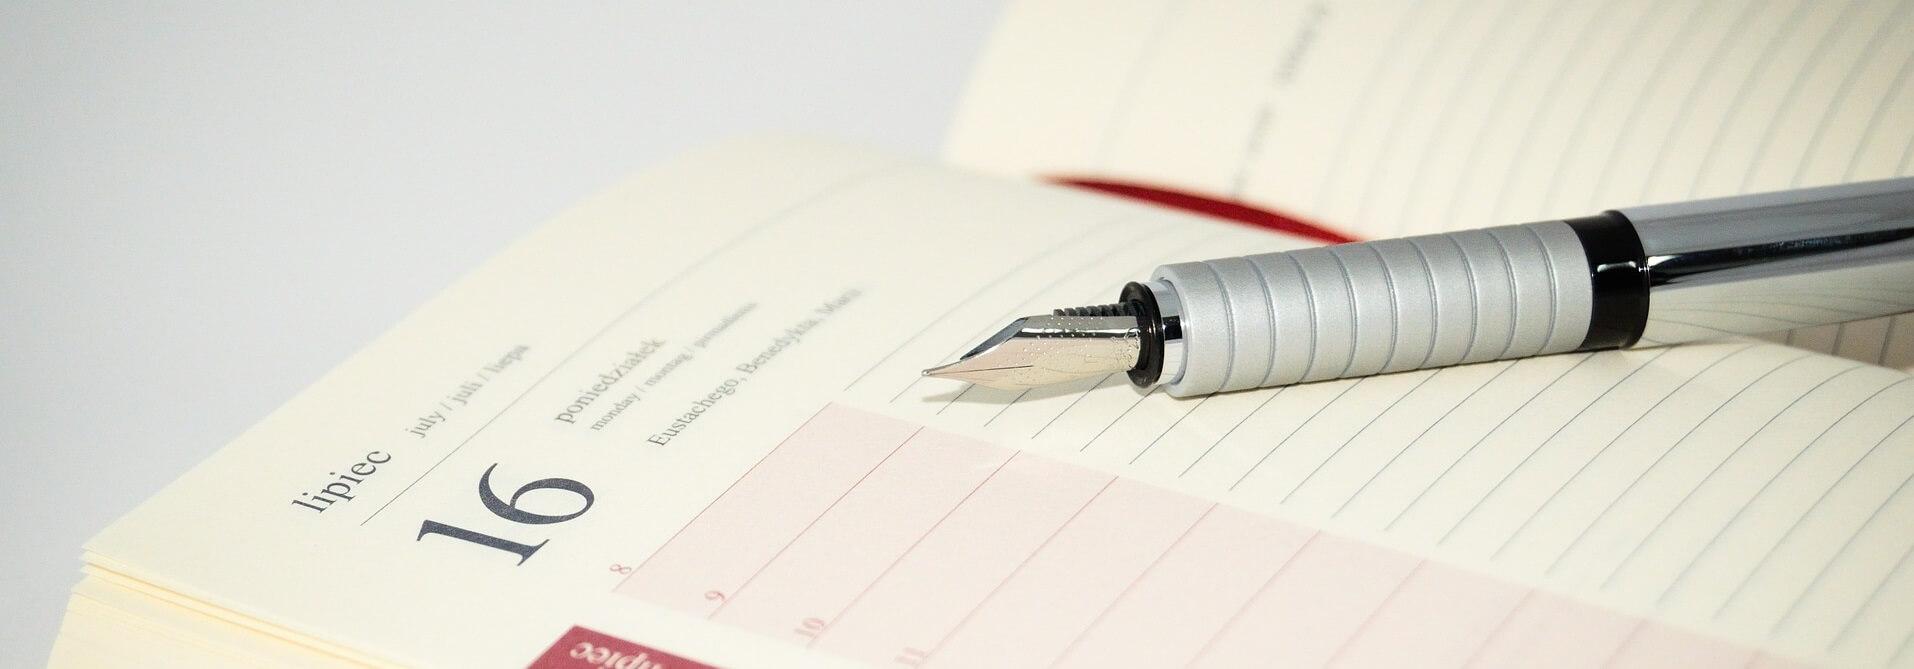 agenda e caneta